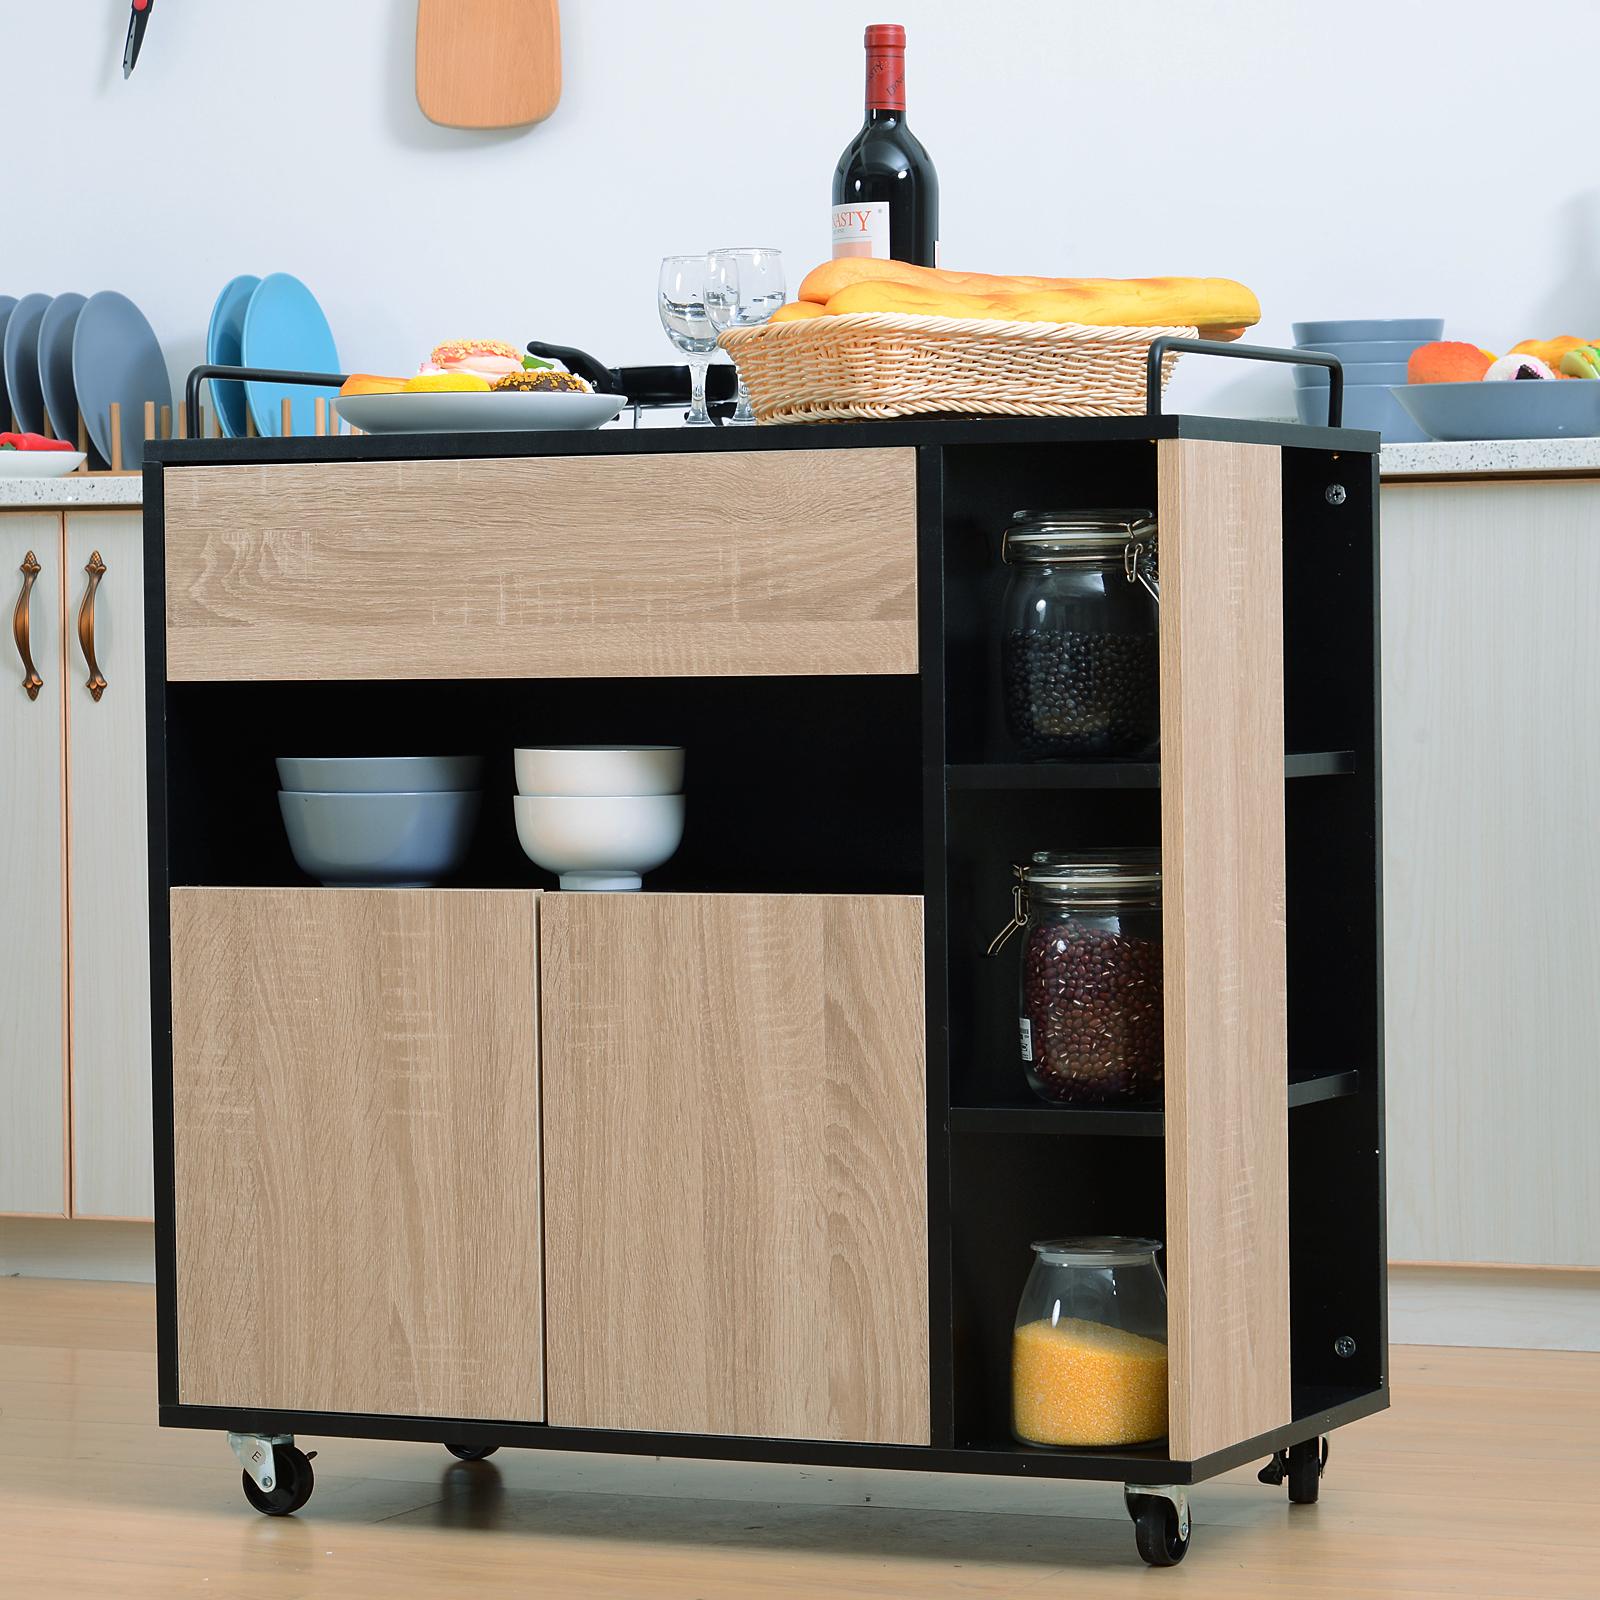 Carrelli Da Cucina Moderni.Dettagli Su Homcom Carrello Da Cucina Con Ruote Legno Rovere Multiuso Moderno Cassetto Anta